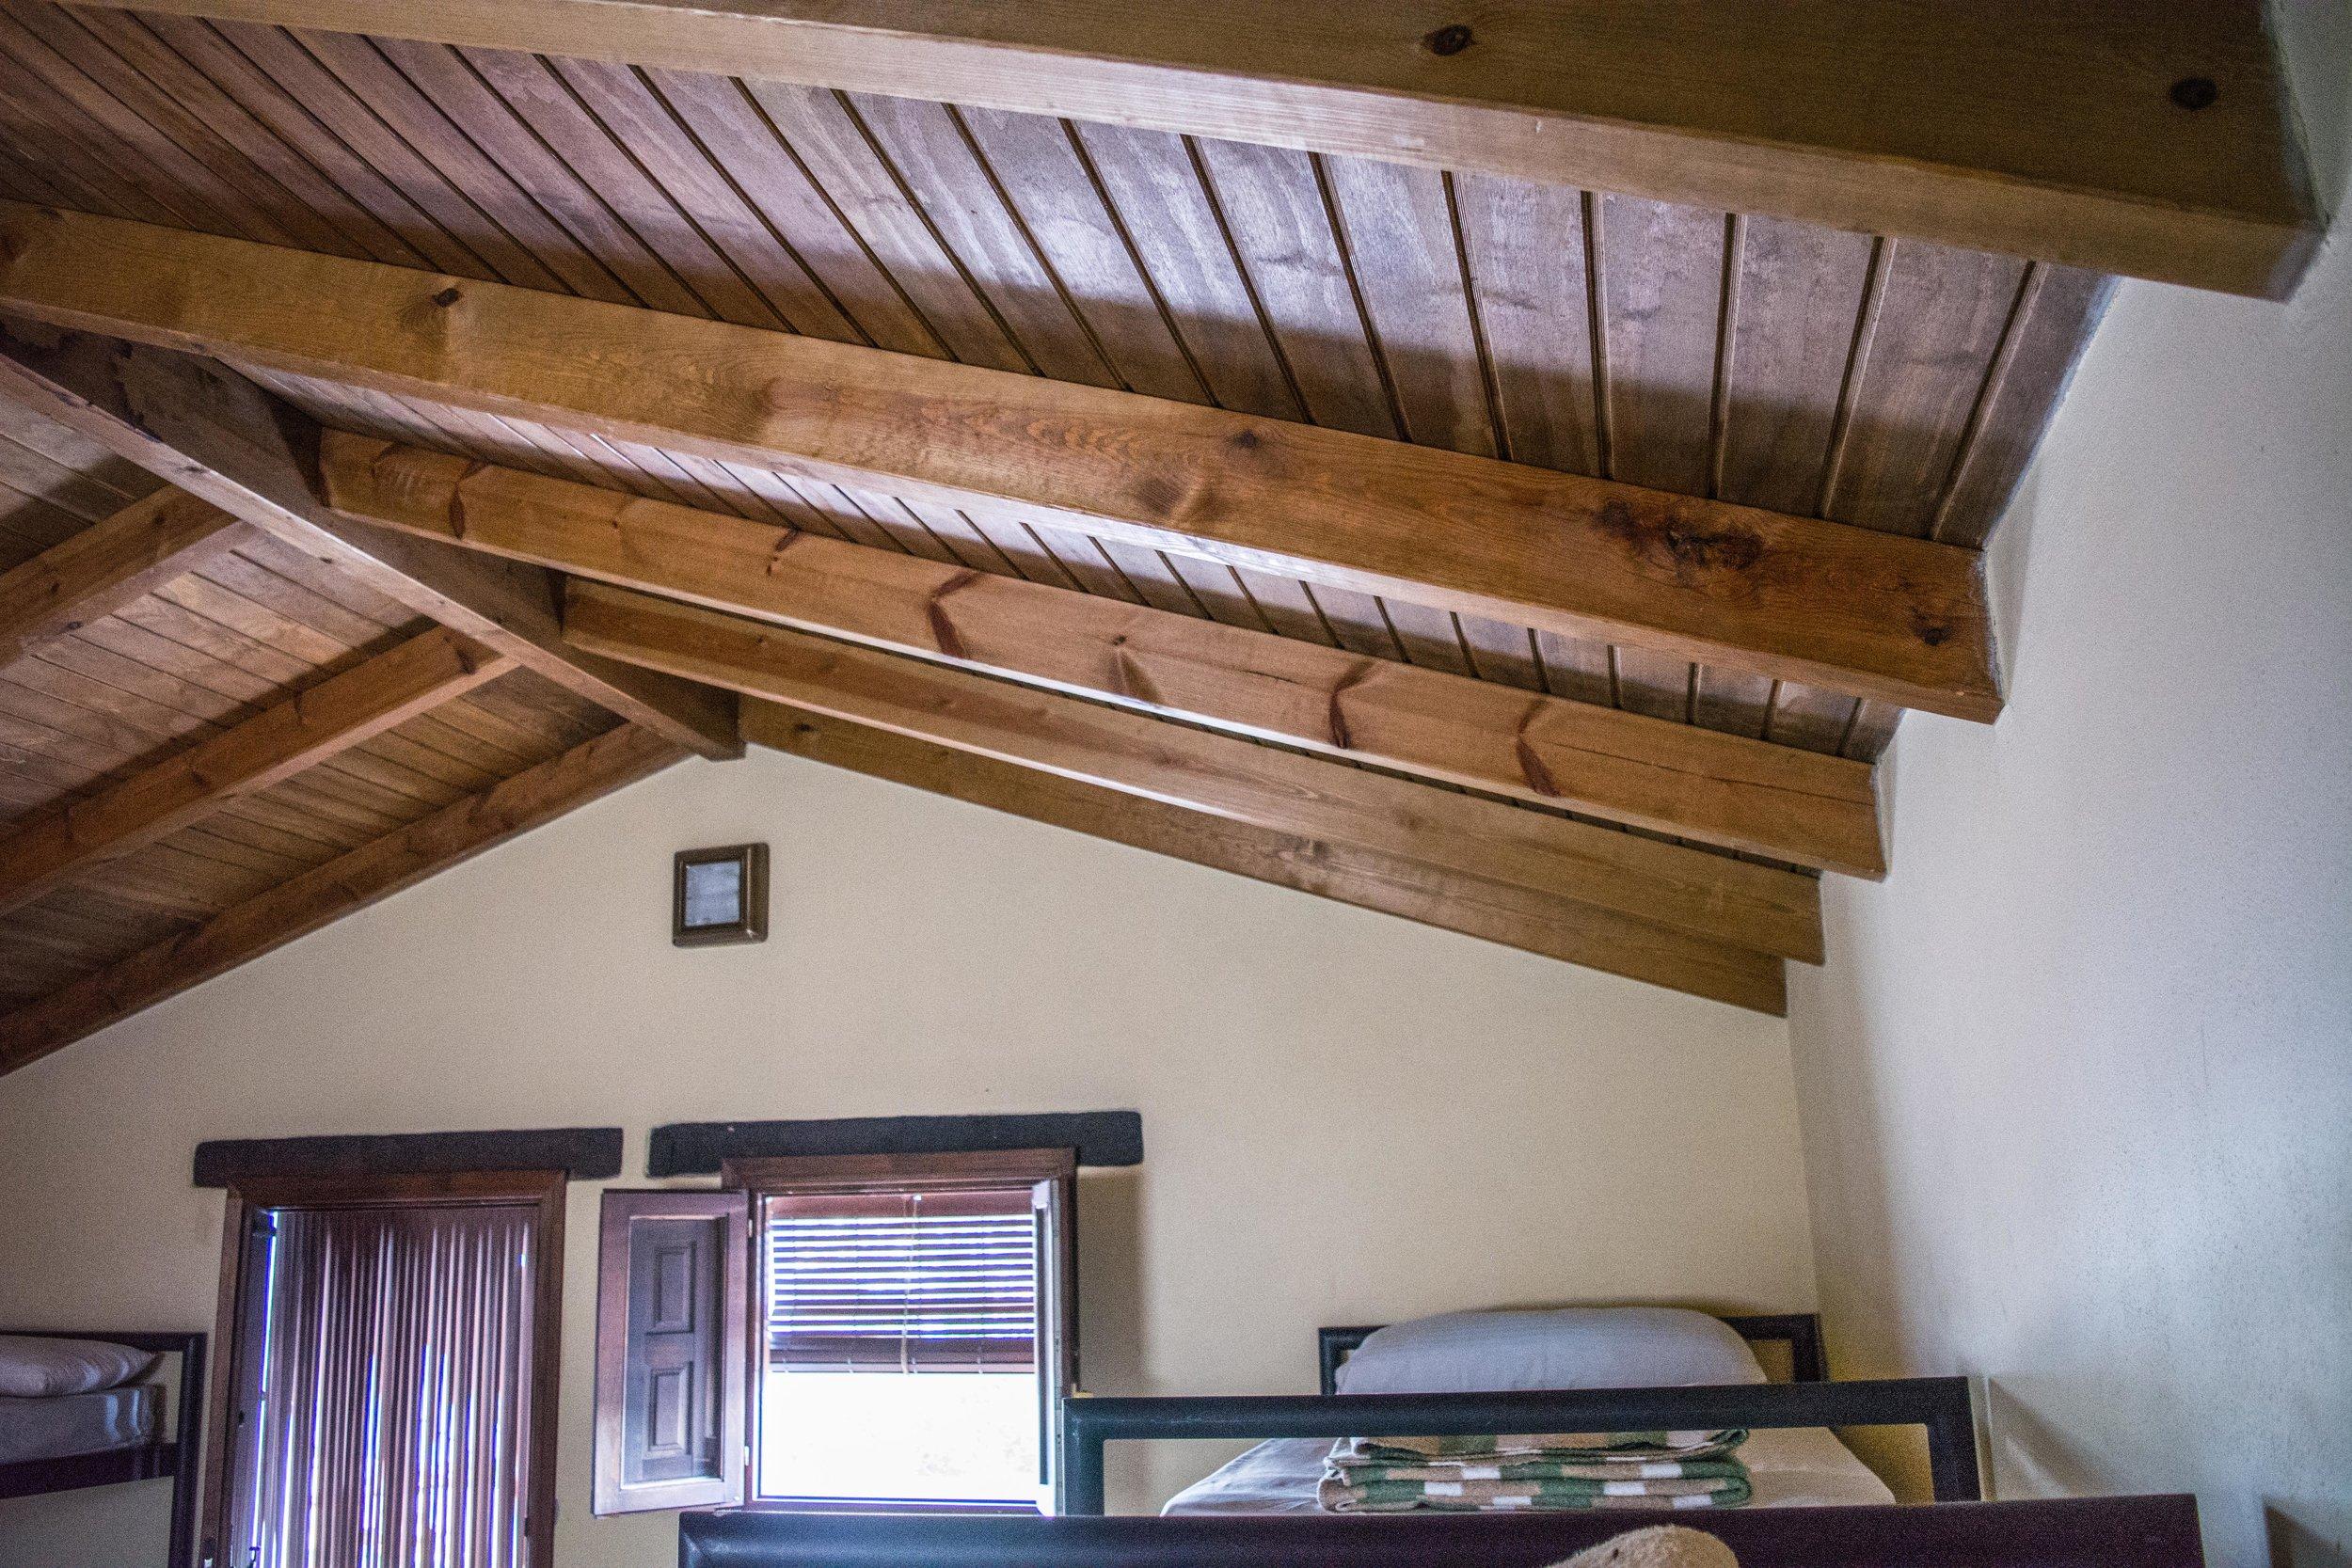 Disponemos de Nuevas Cabañas - Nuevas cabañas de ladrillo_Nuevas cabañas de ladrillo, con tejado interior de madera aislante y bien equipadas para un buena estancia en la naturaleza.